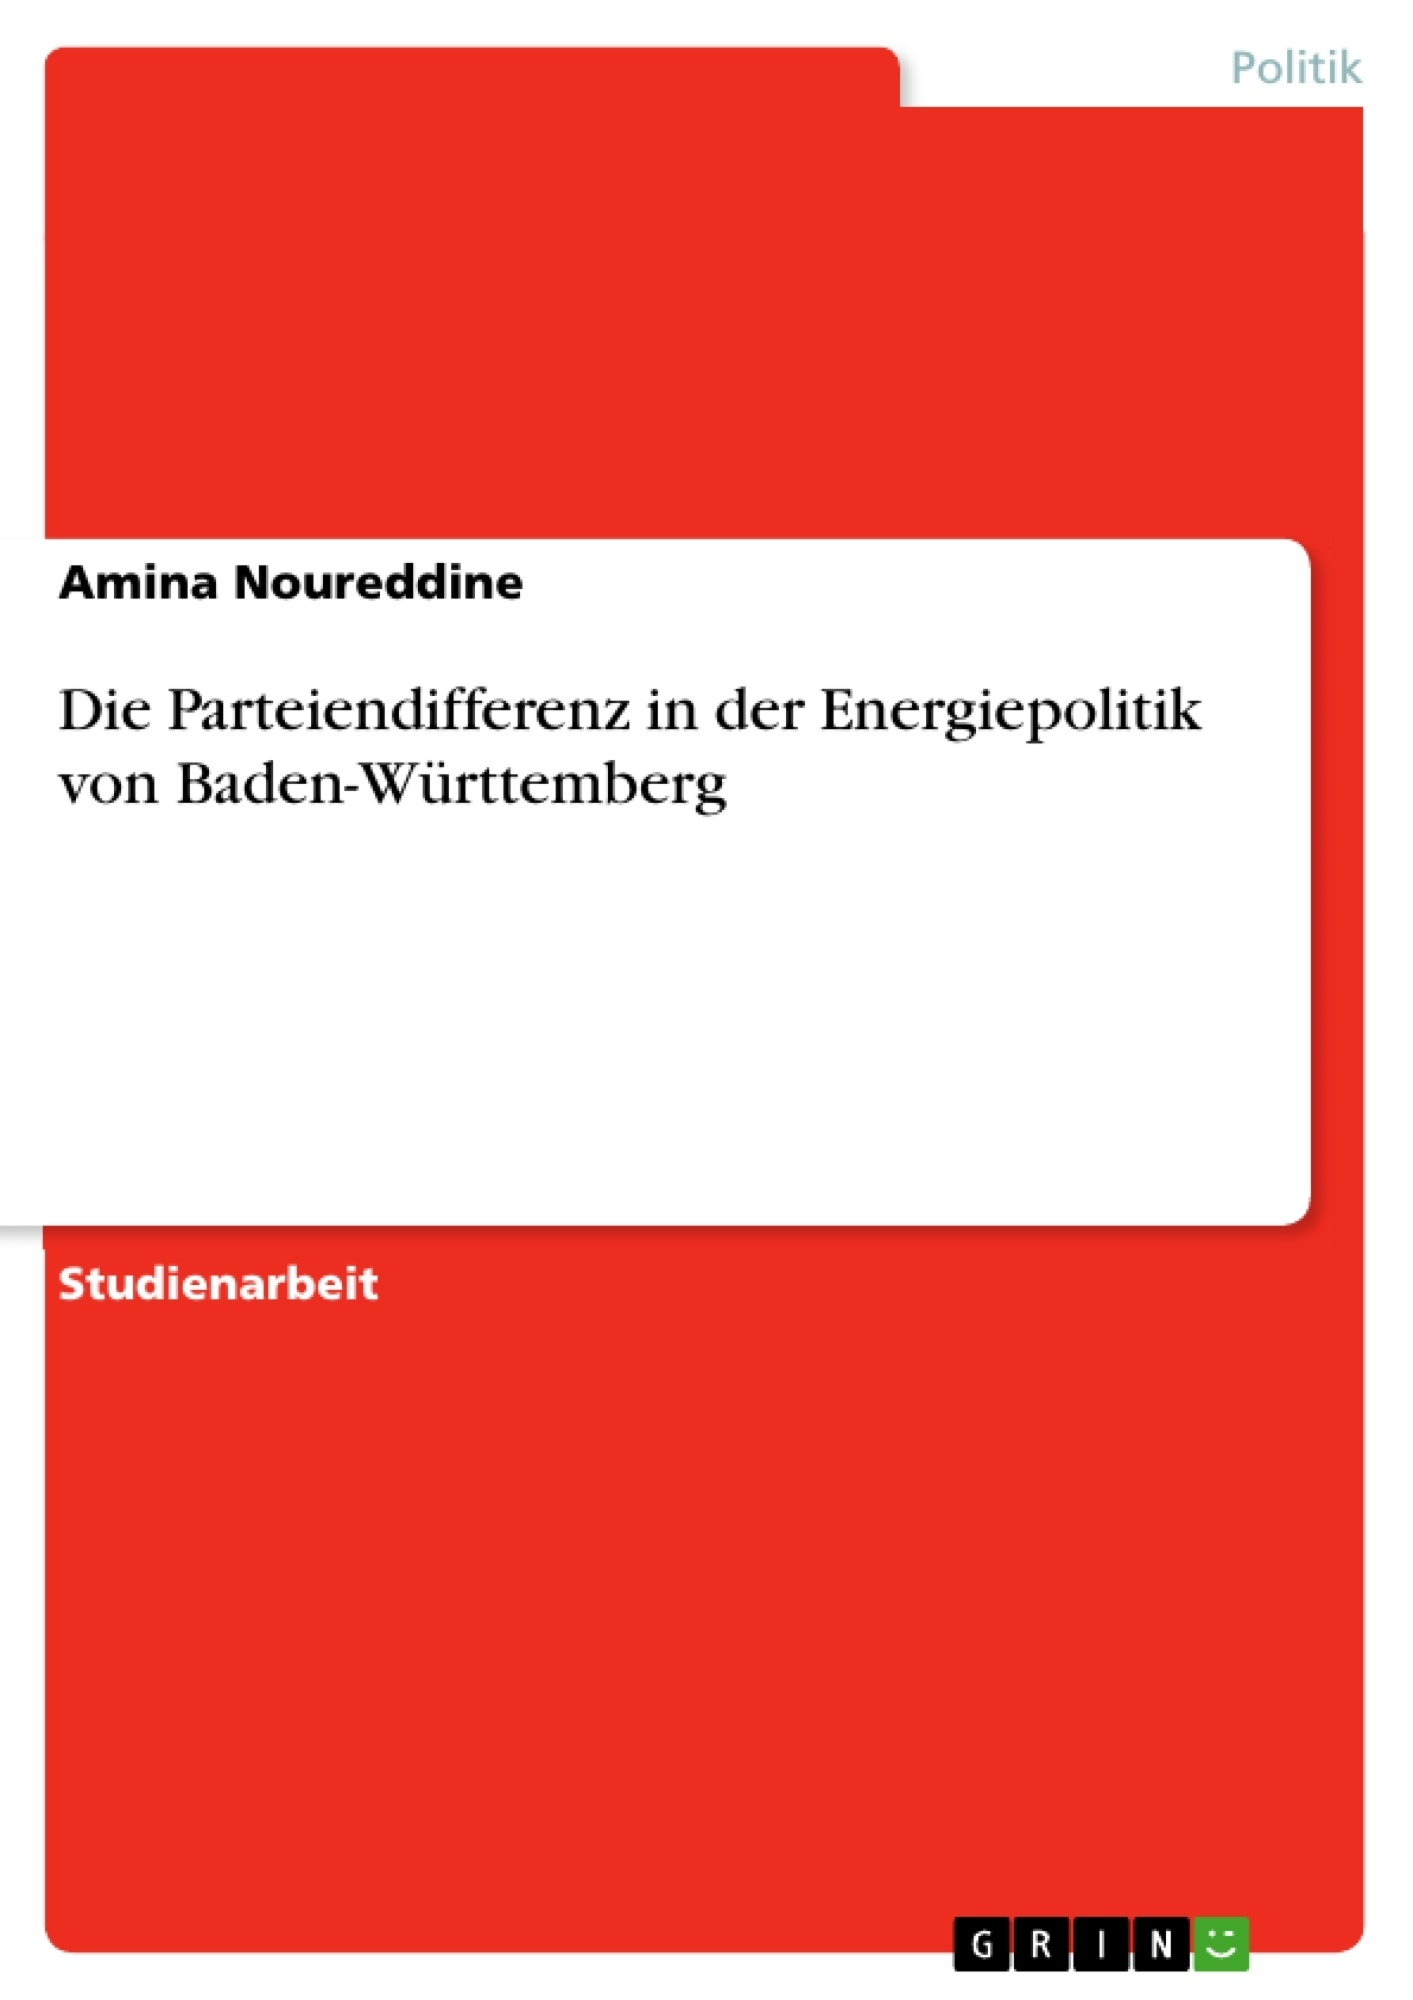 Titel: Die Parteiendifferenz in der Energiepolitik von Baden-Württemberg